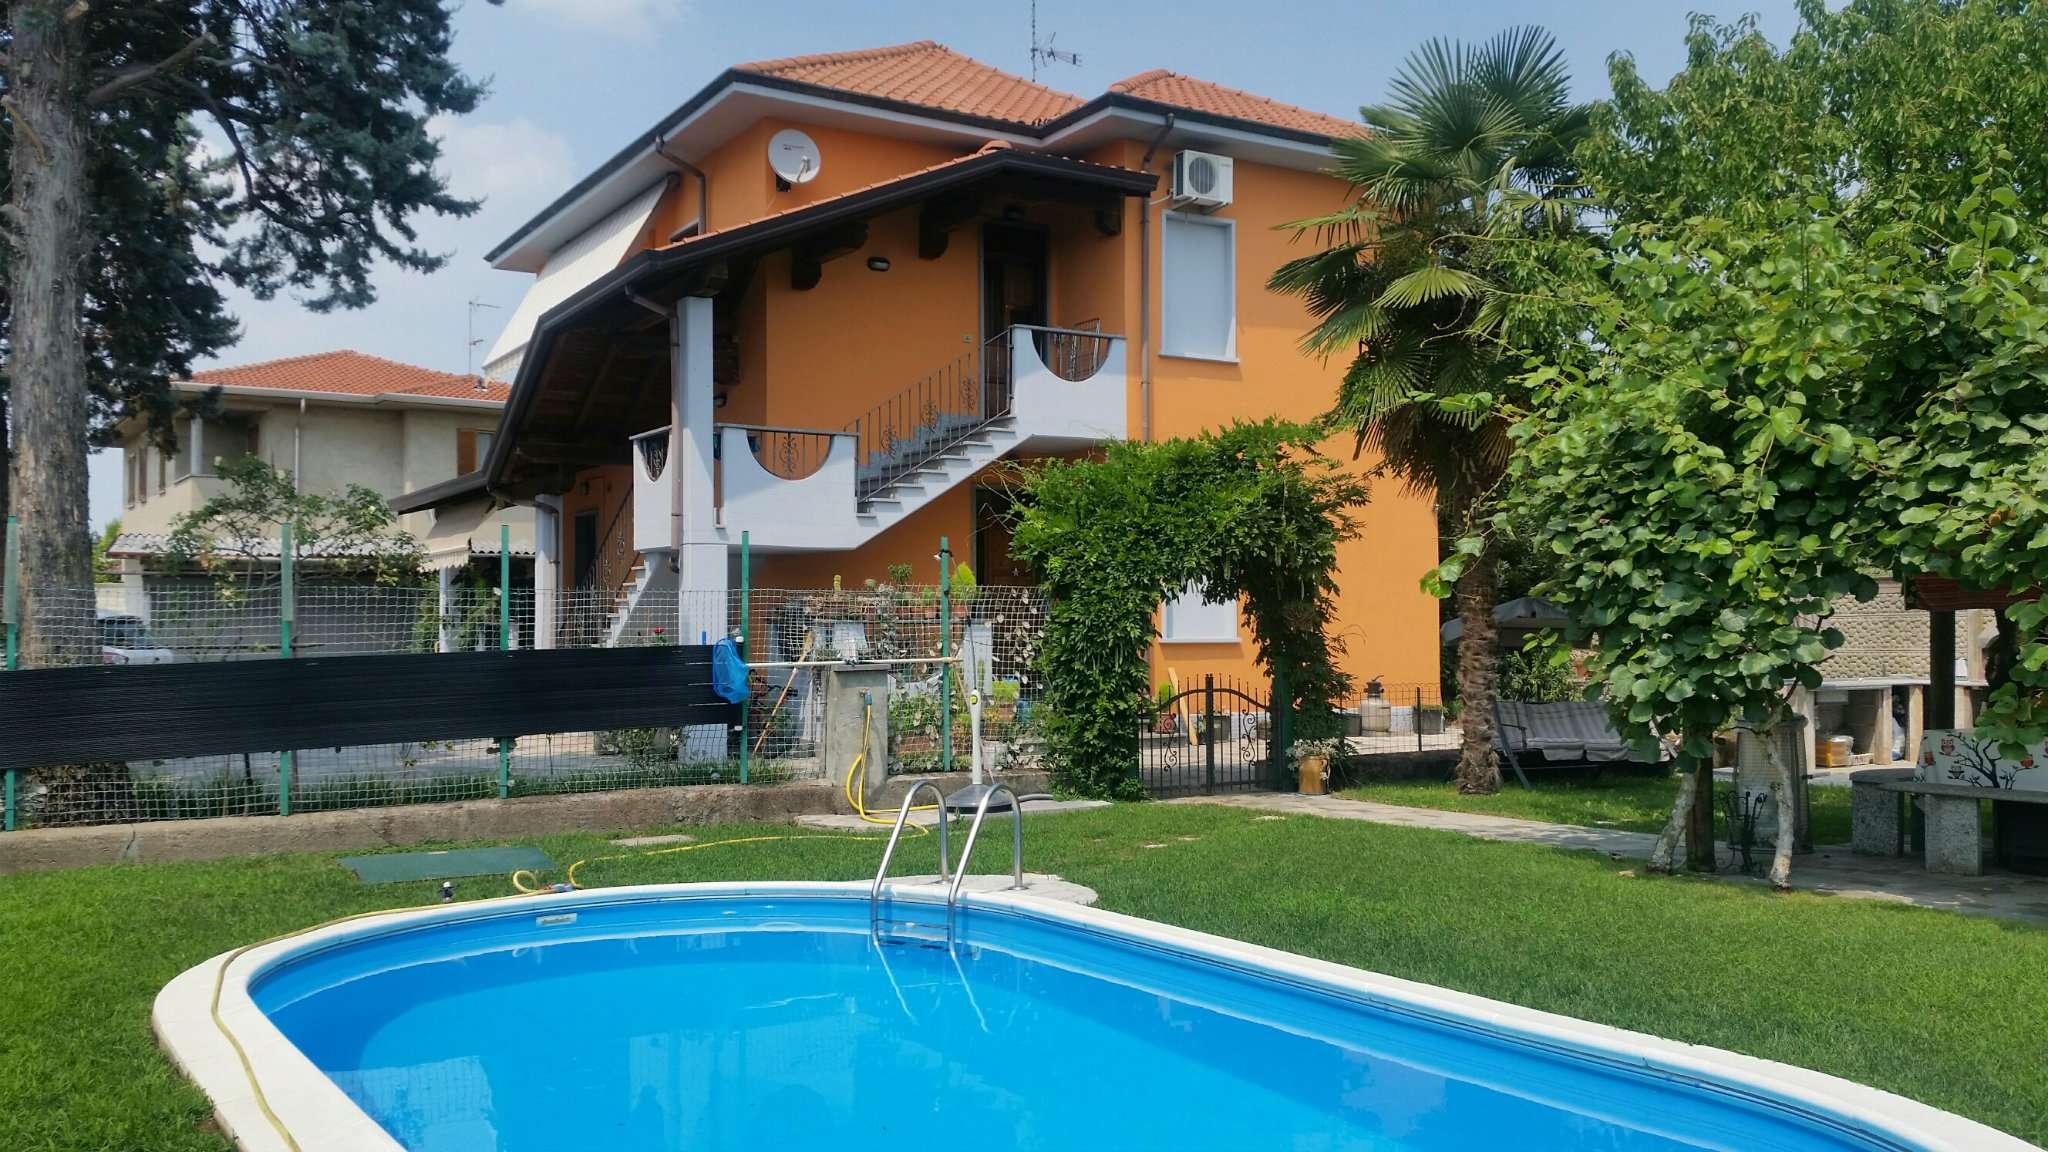 Appartamento in affitto a Dairago, 3 locali, prezzo € 750 | Cambio Casa.it